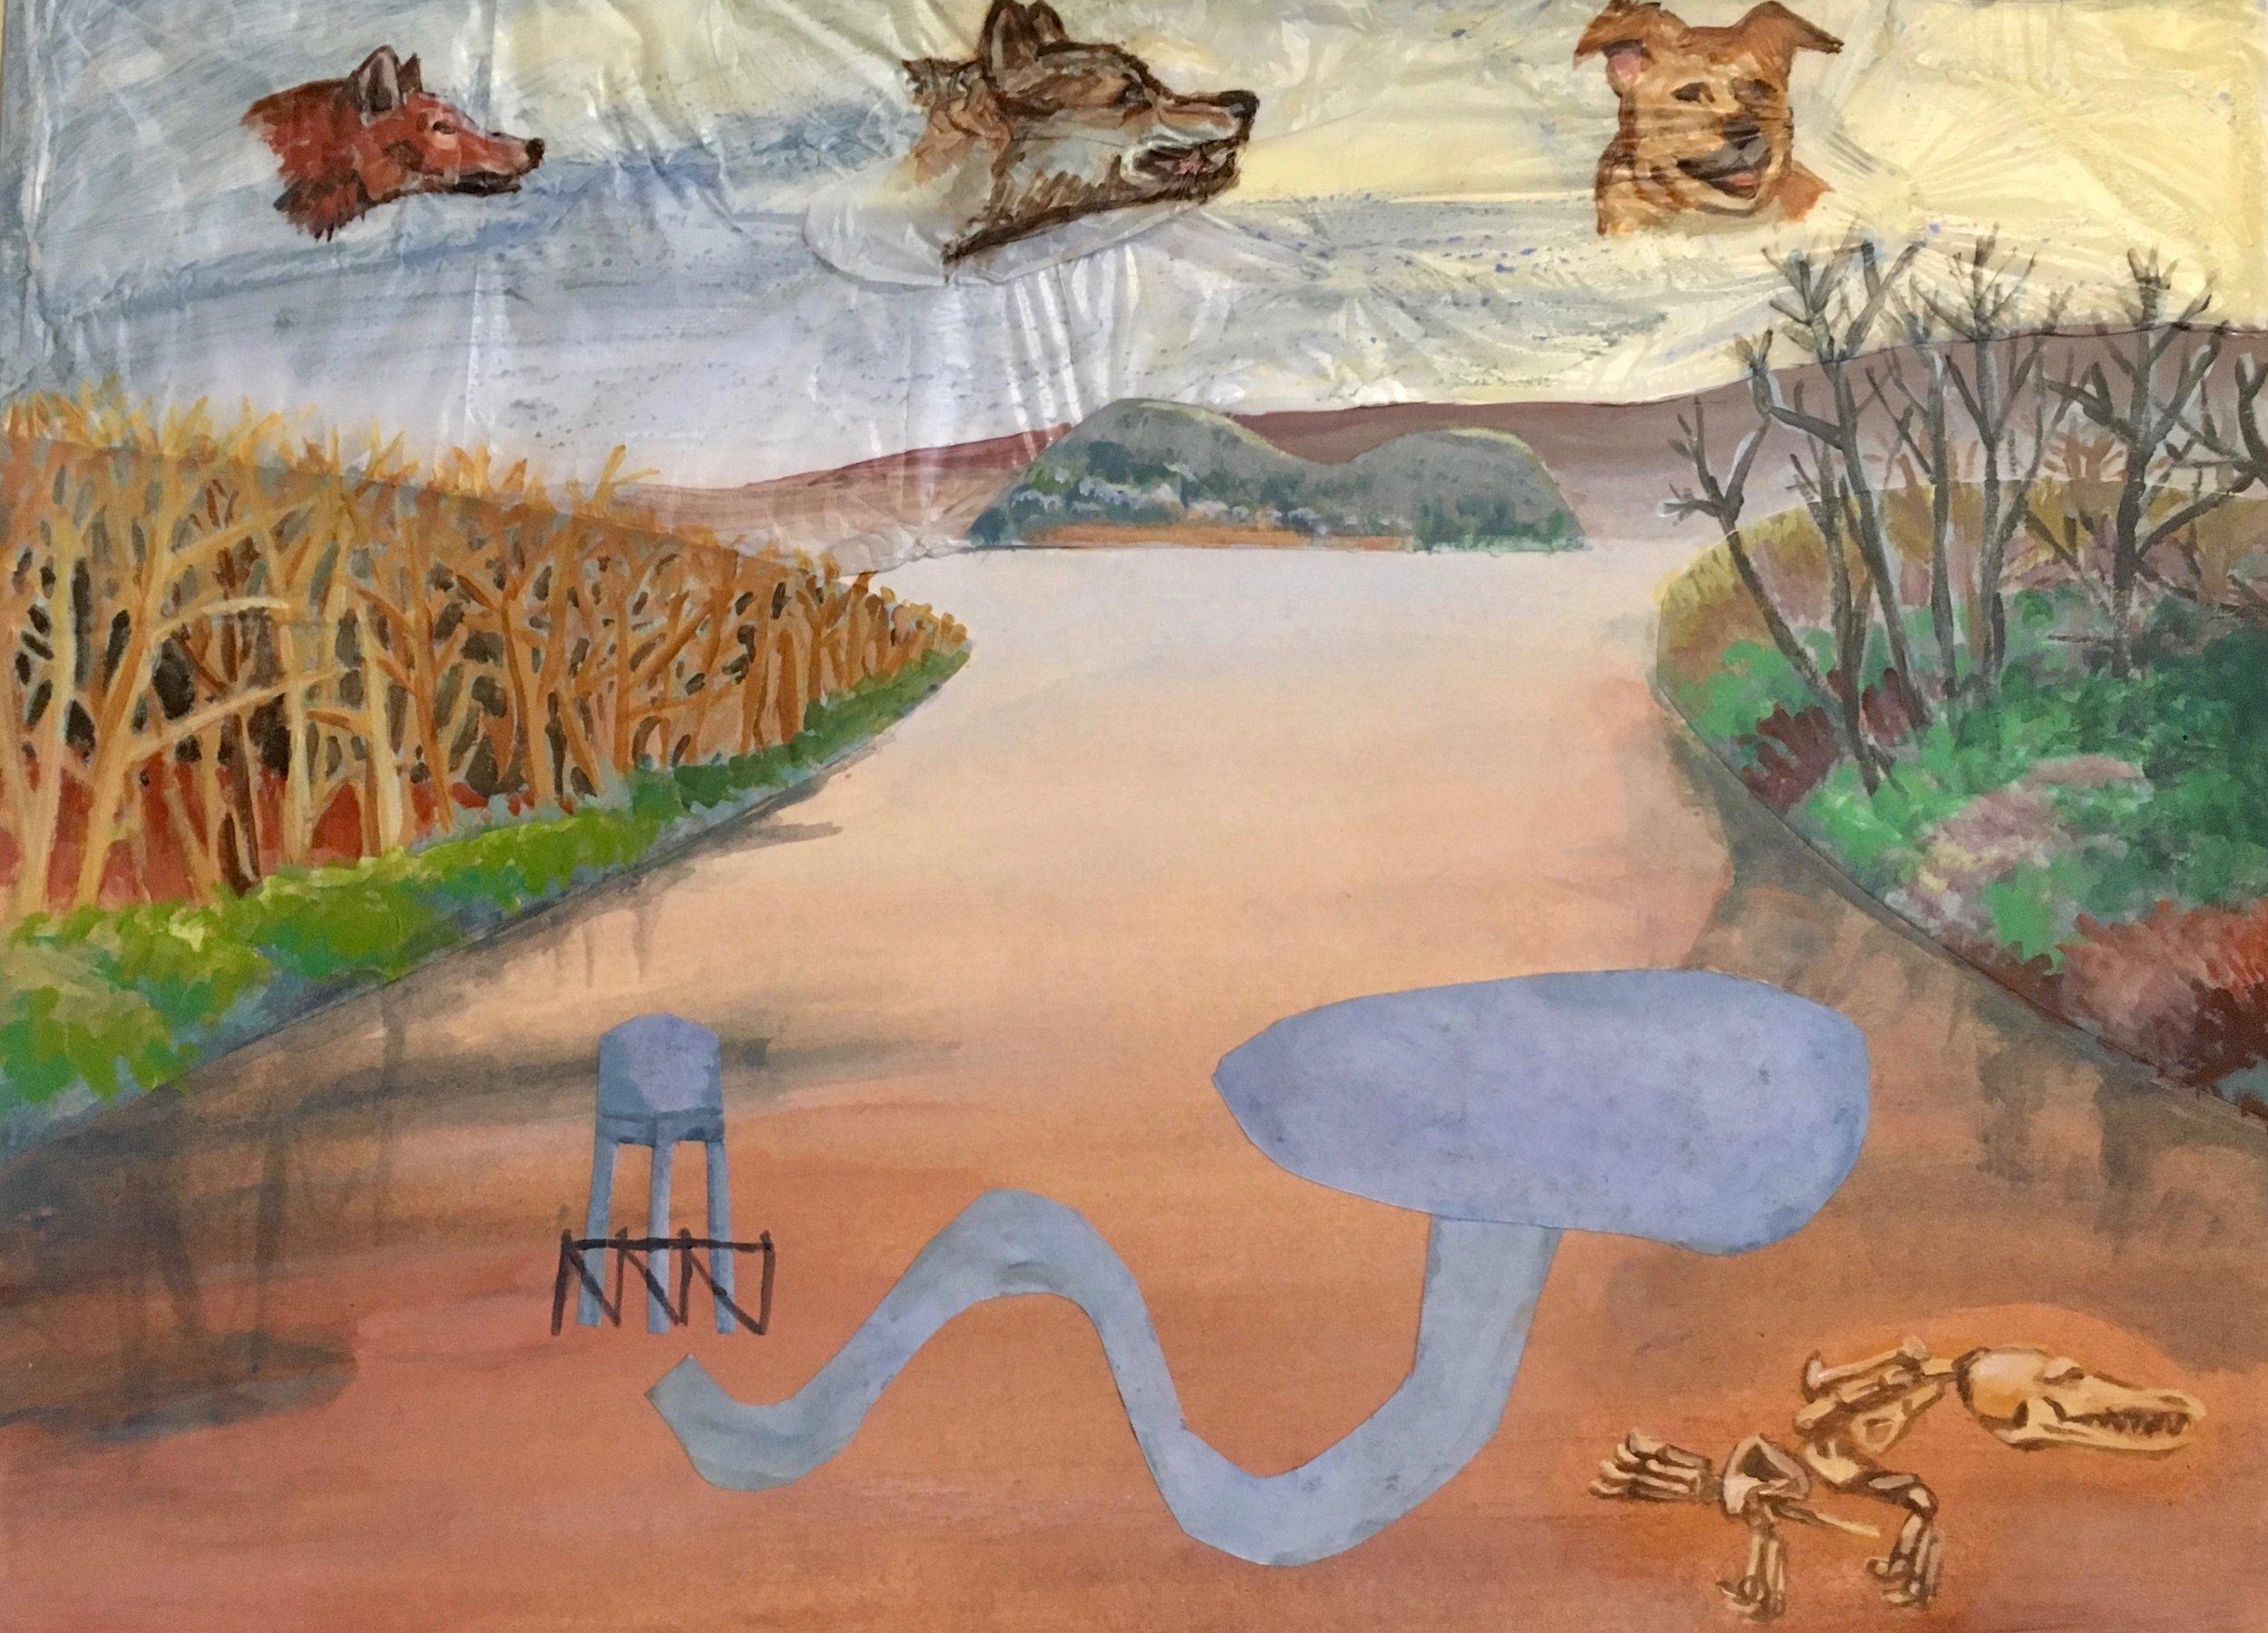 KatrinaSlavik_Image3_Man-made_Lake.jpg